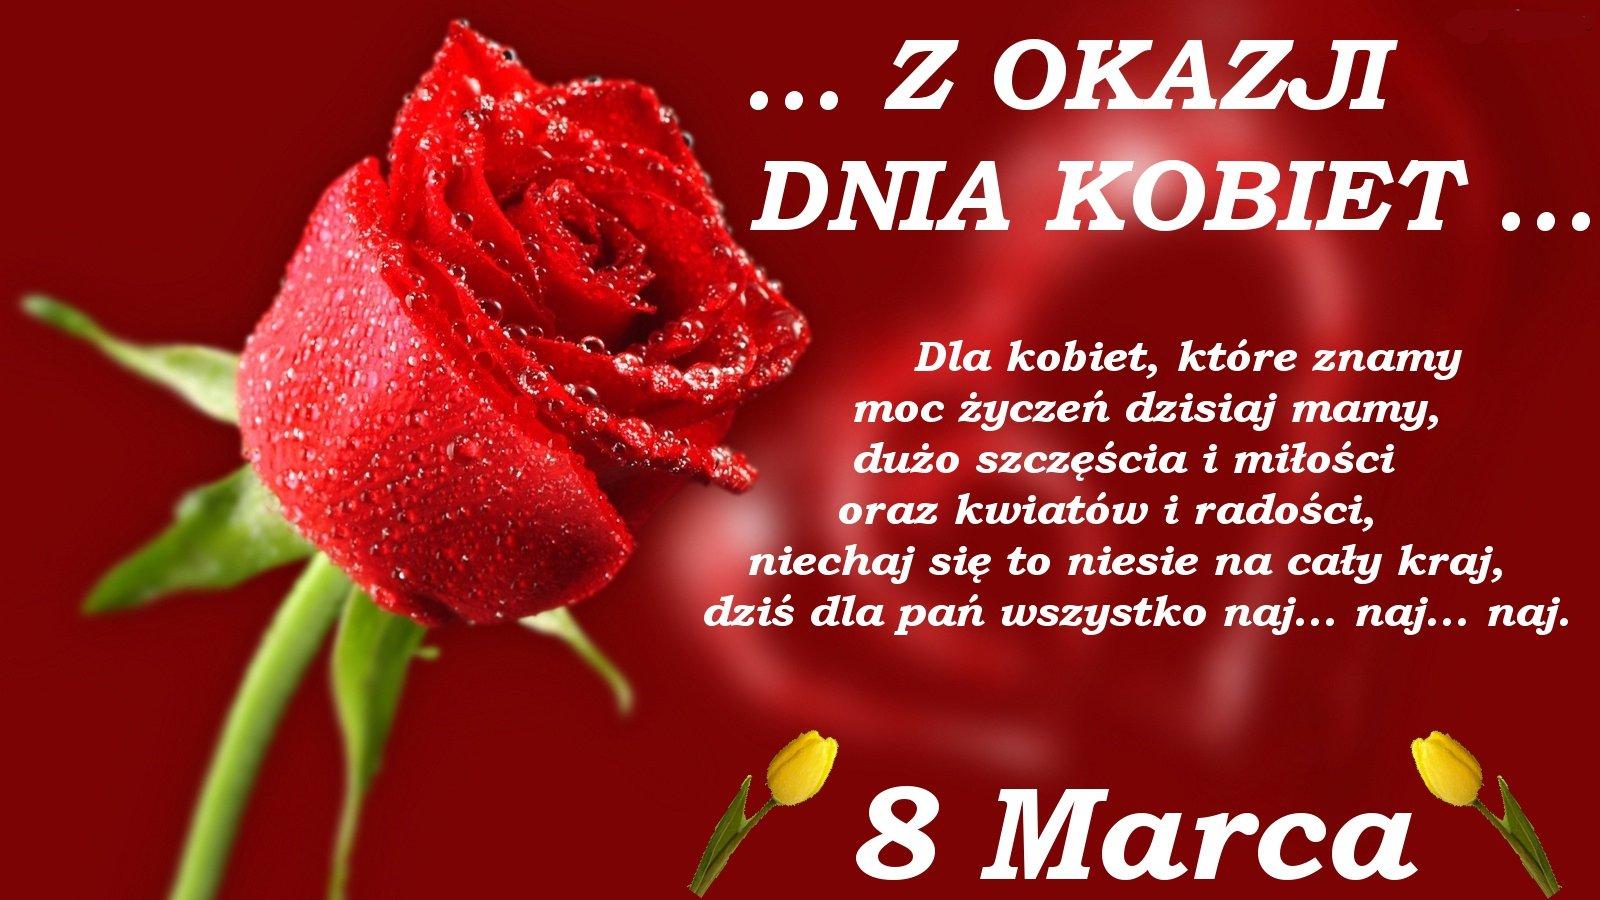 8 Marca Dzień Kobiet Zsgrabice